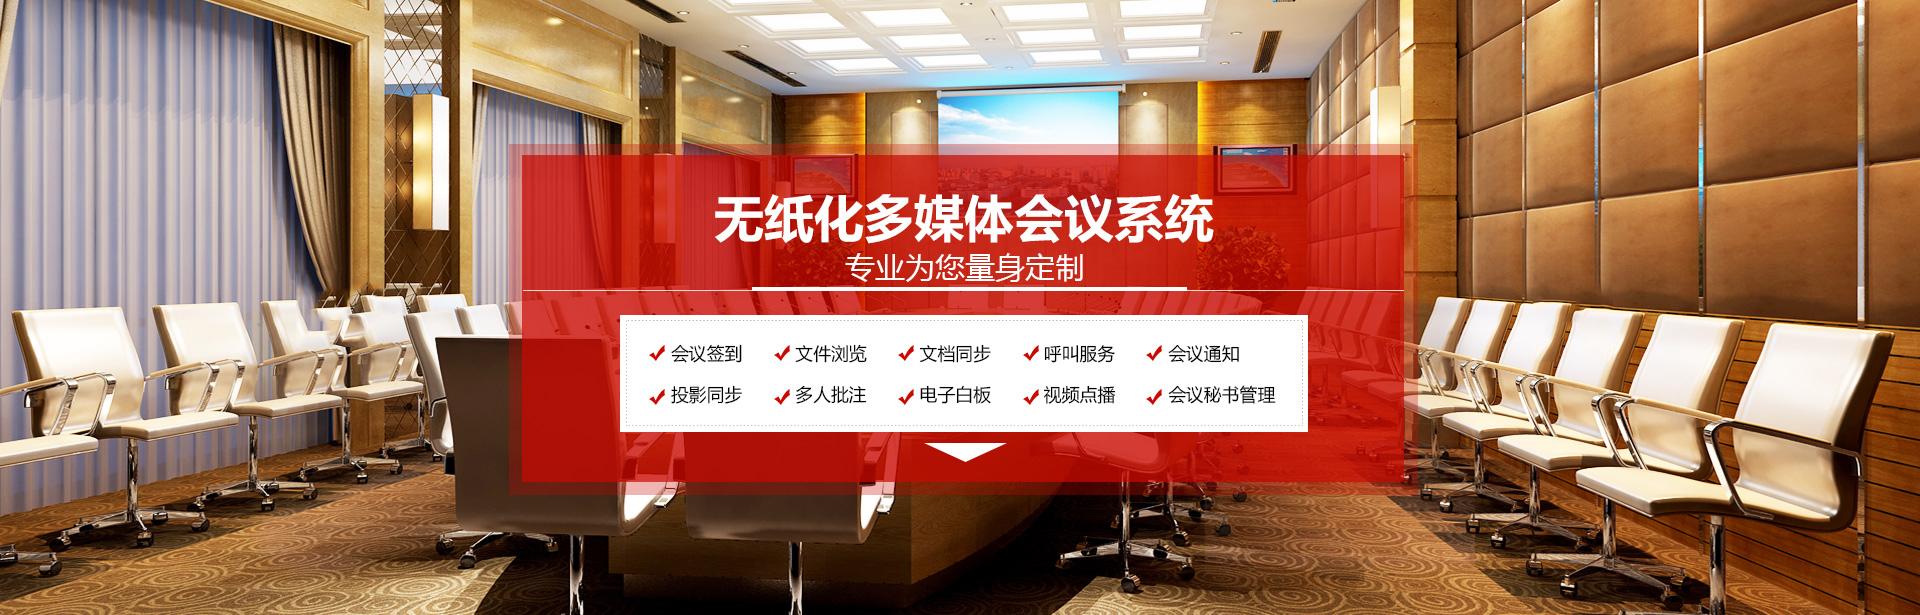 天博平台官网banner